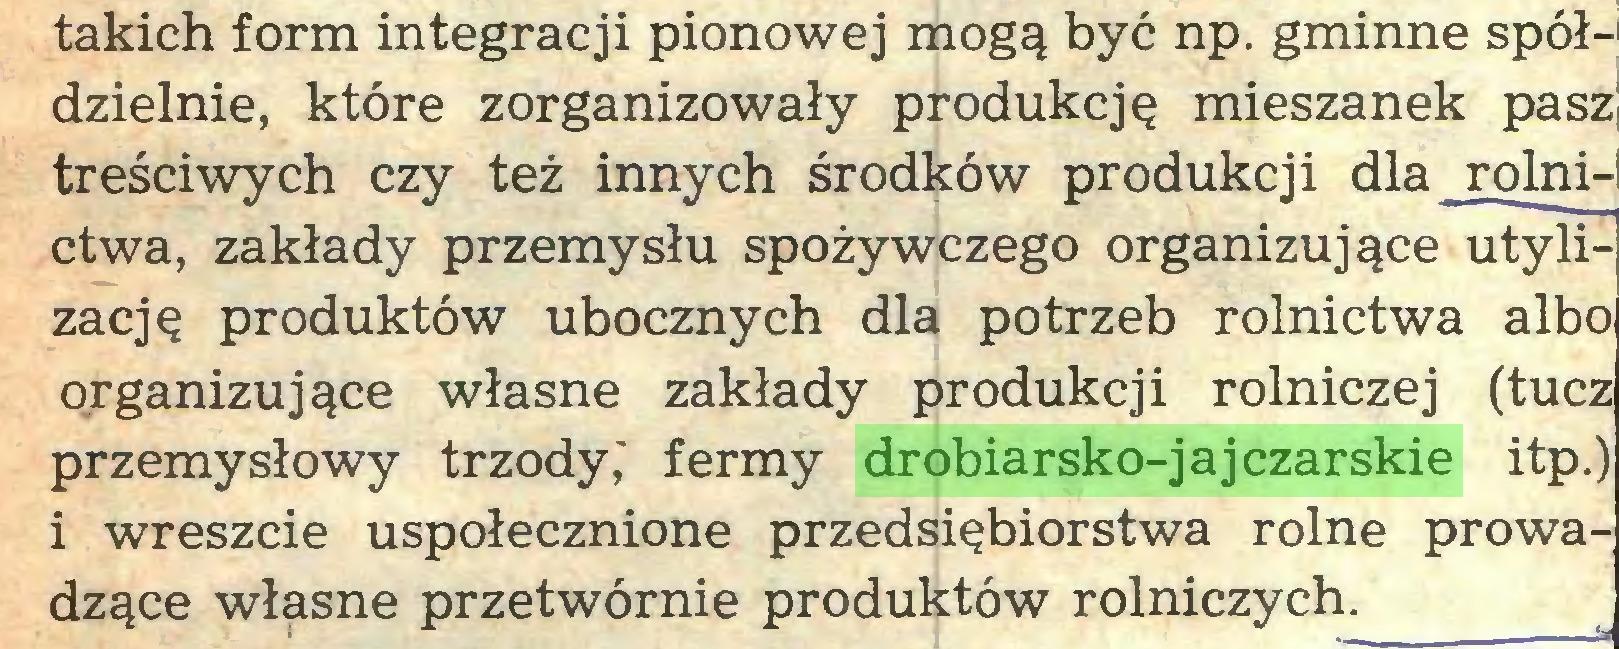 (...) takich form integracji pionowej mogą być np. gminne spół-1 dzielnie, które zorganizowały produkcję mieszanek pasz] treściwych czy też innych środków produkcji dla rolni-' ctwa, zakłady przemysłu spożywczego organizujące utylizację produktów ubocznych dla potrzeb rolnictwa albo organizujące własne zakłady produkcji rolniczej (tucz przemysłowy trzody,' fermy drobiarsko-jajCzarskie itp.) i wreszcie uspołecznione przedsiębiorstwa rolne prowadzące własne przetwórnie produktów rolniczych...